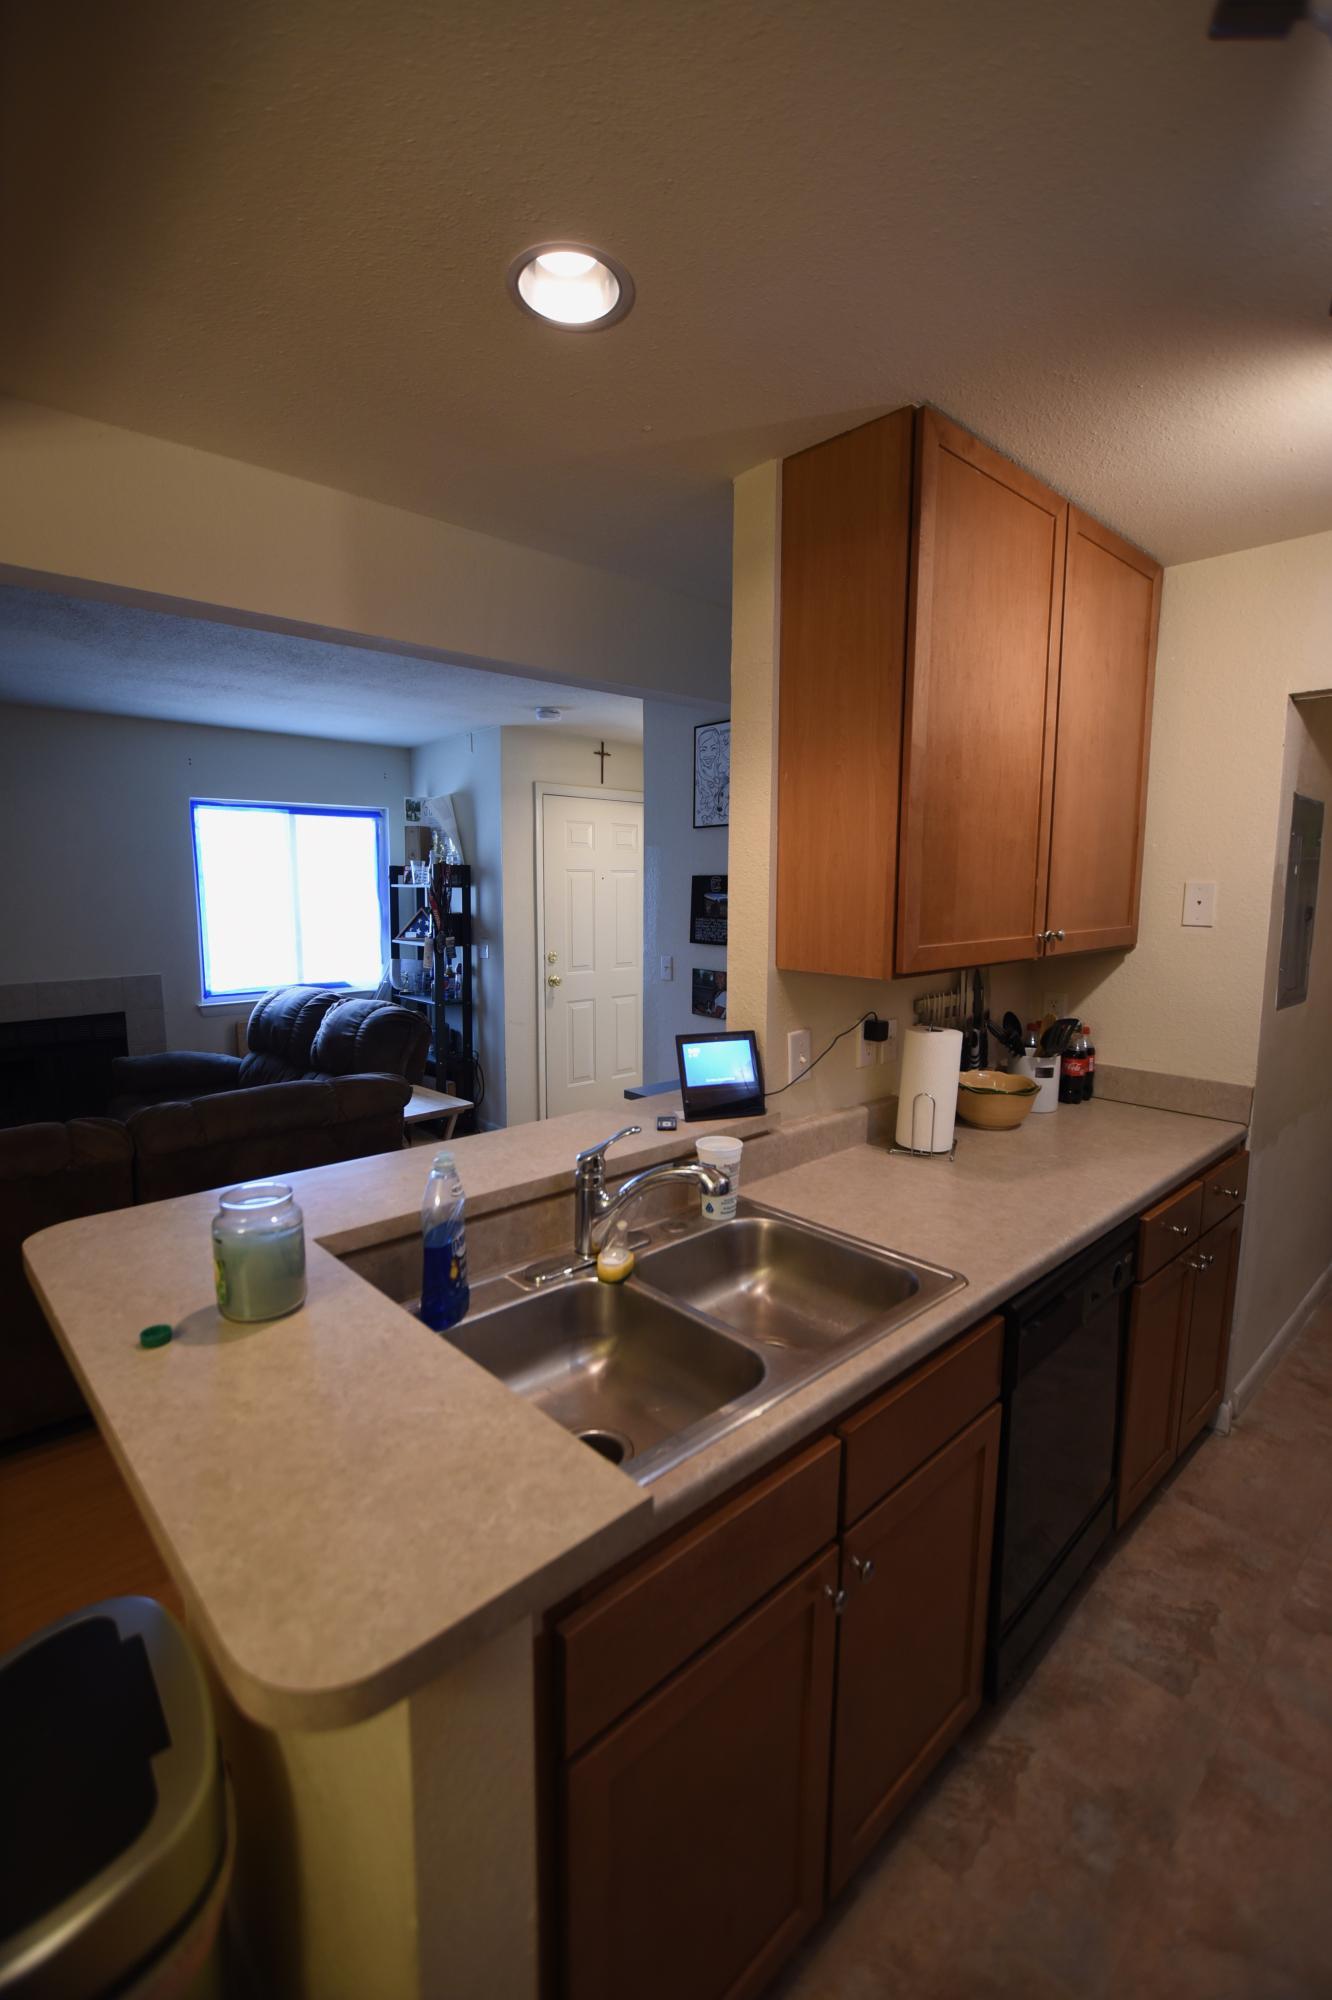 East Bridge Town Lofts Homes For Sale - 266 Alexandra, Mount Pleasant, SC - 4